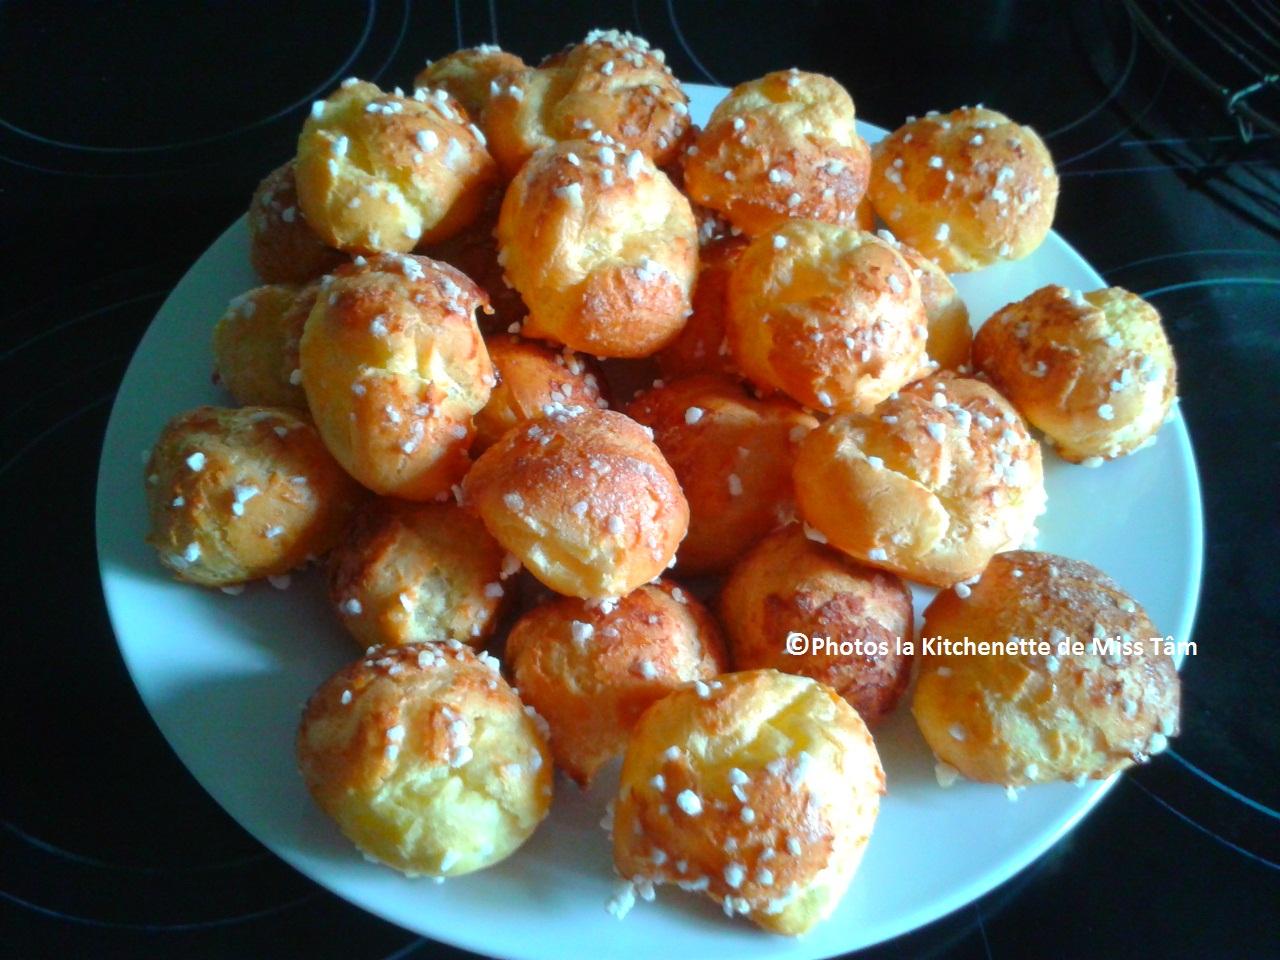 Kitchenette de Miss Tâm Chouquettes